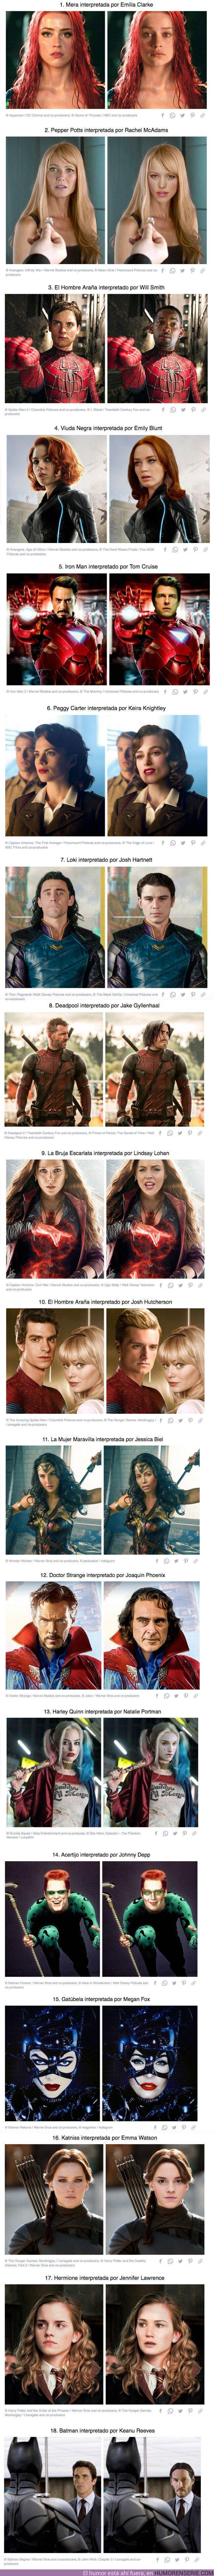 65297 - GALERÍA: Imaginamos cómo se verían 18 personajes de ficción interpretados por otros famosos